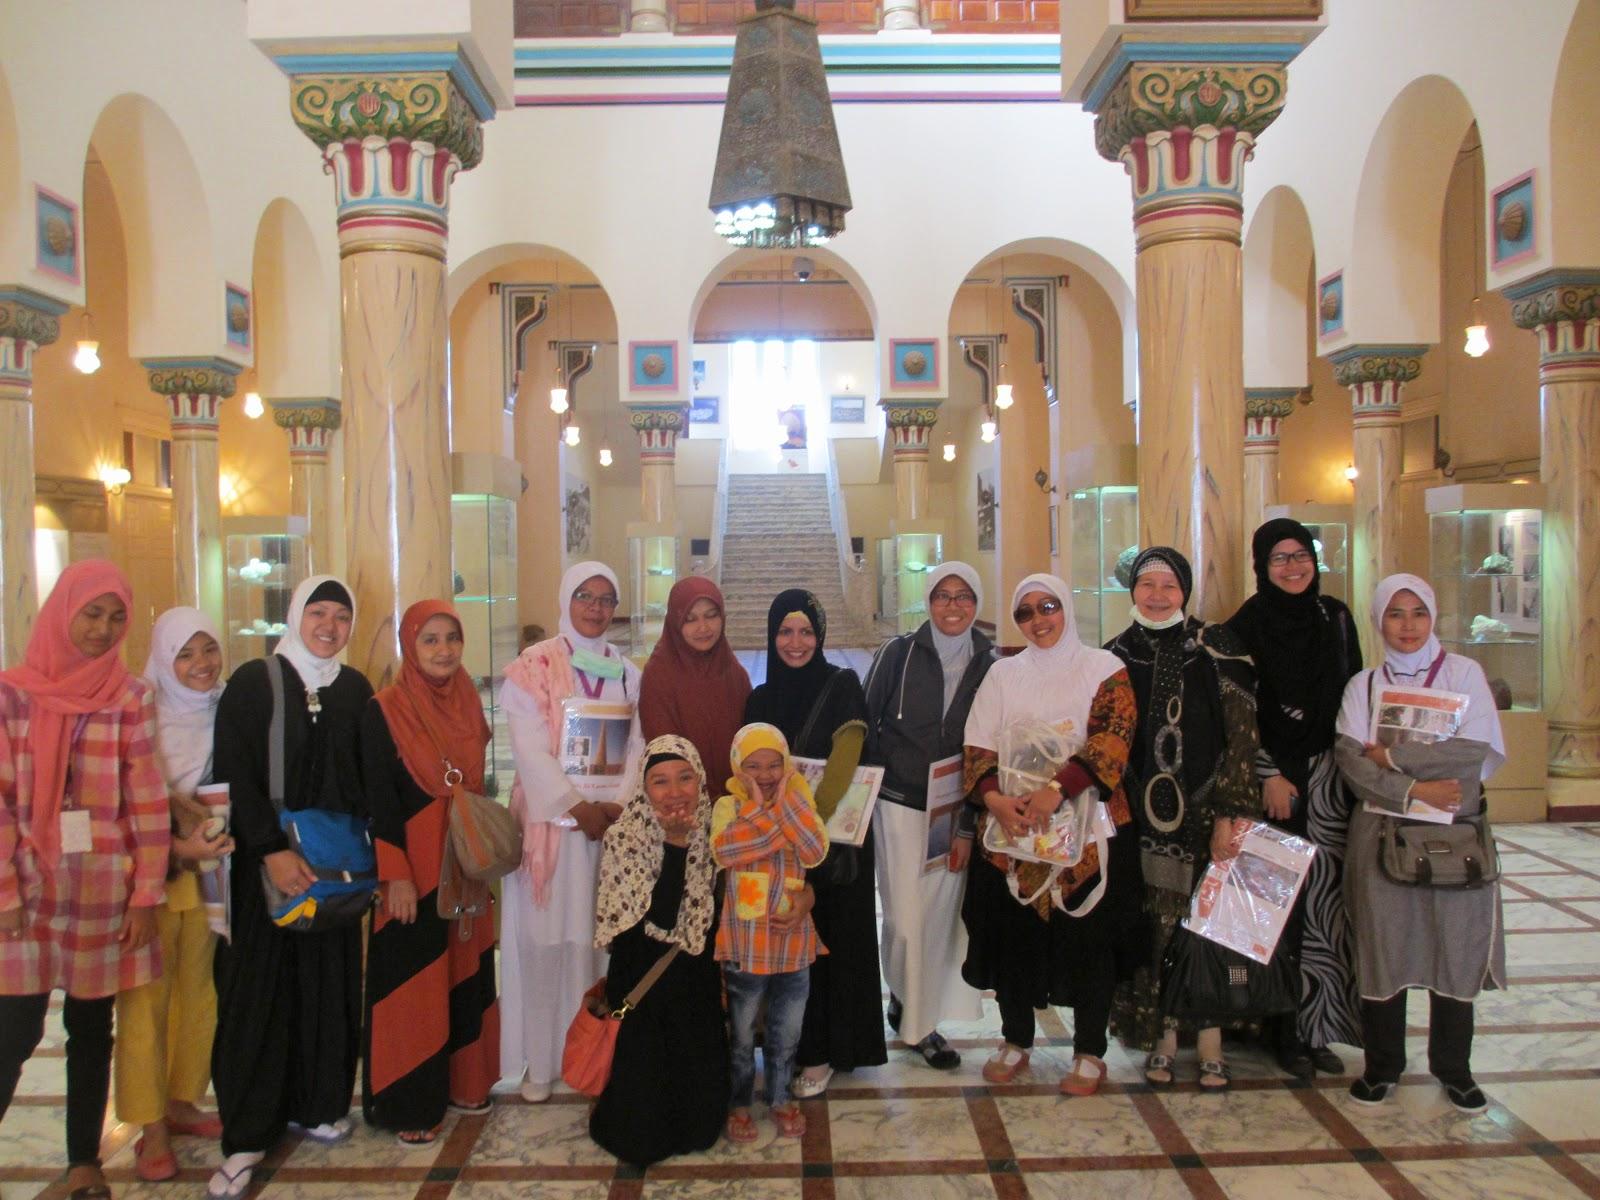 Biaya Umroh 2014 di Bandung